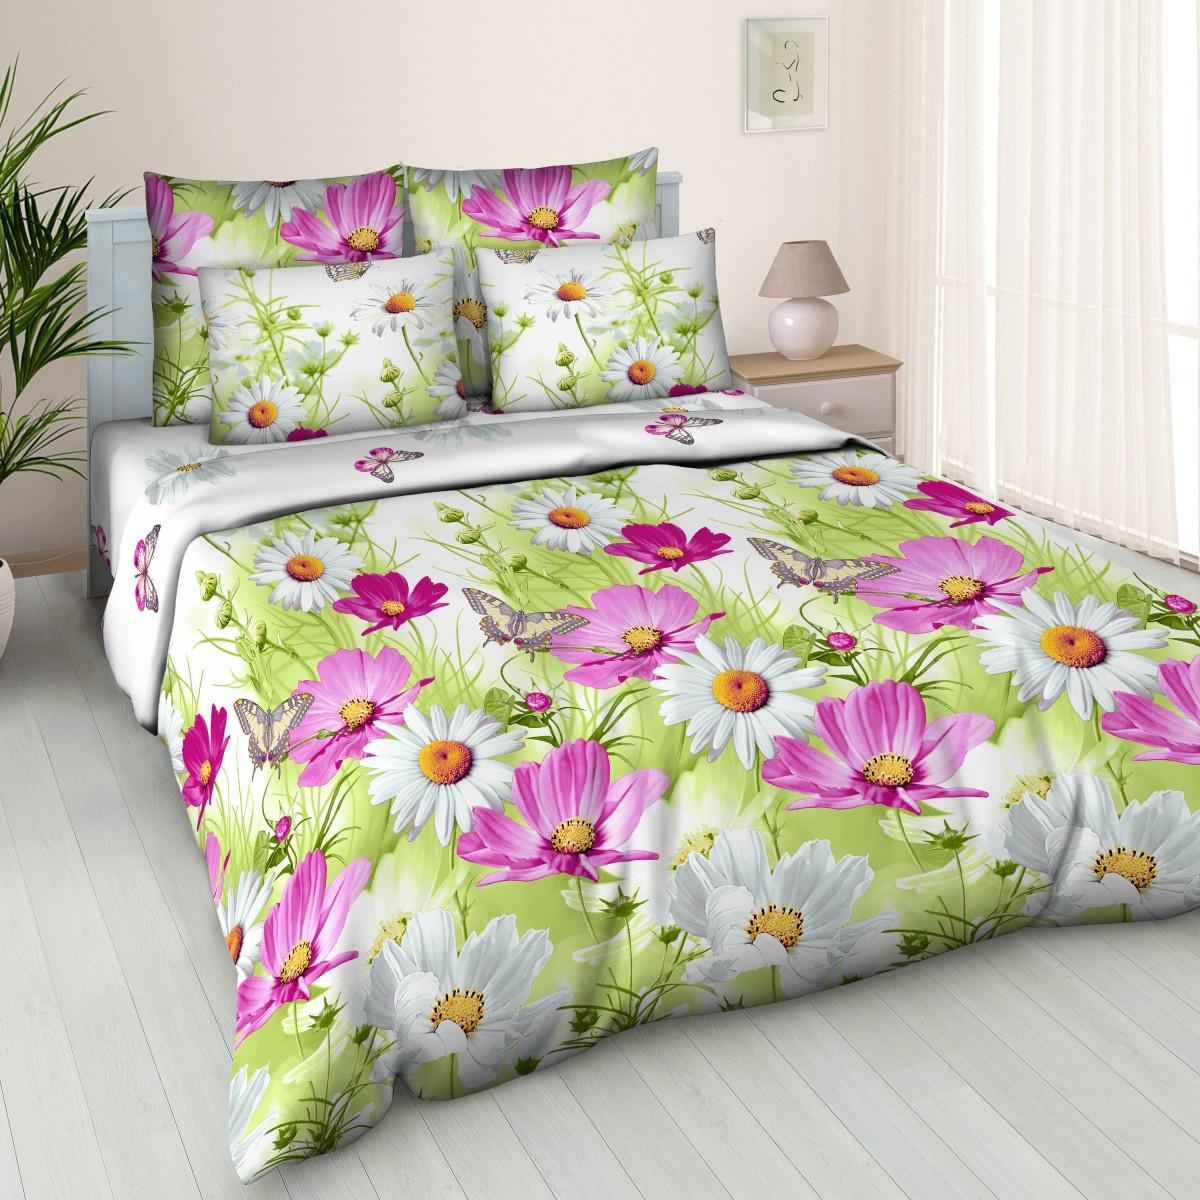 Комплект постельного белья BUTTERFLY поплин (ПК2) рис 4563/1, 2-спальный